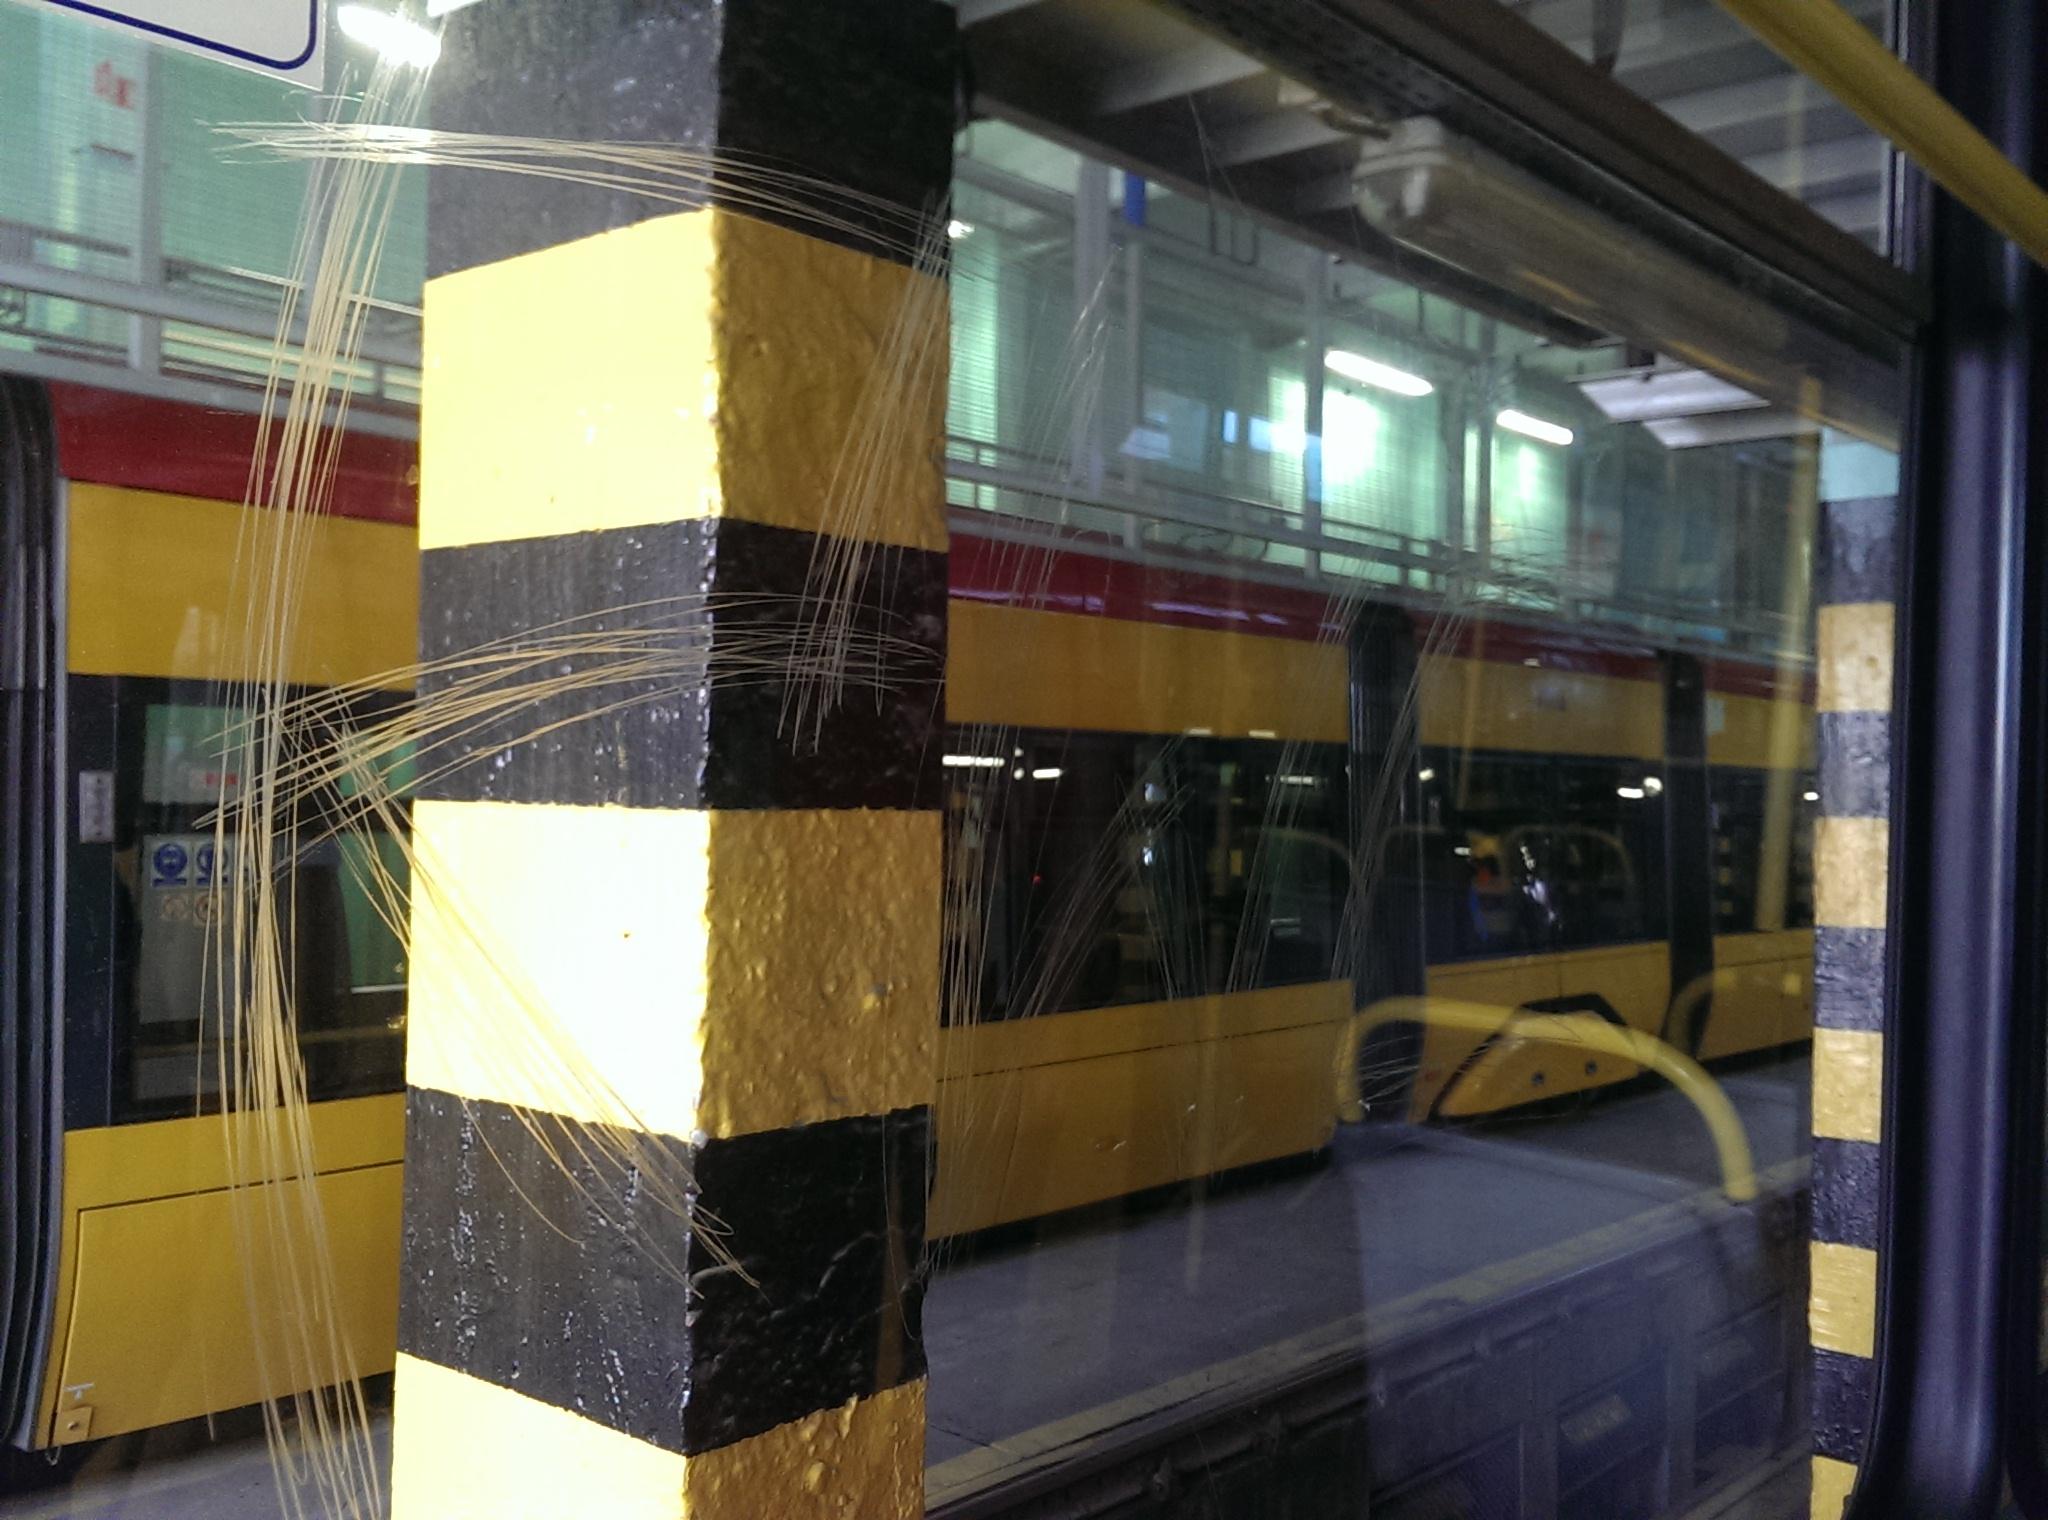 Polerowanie szyb w tramwaju